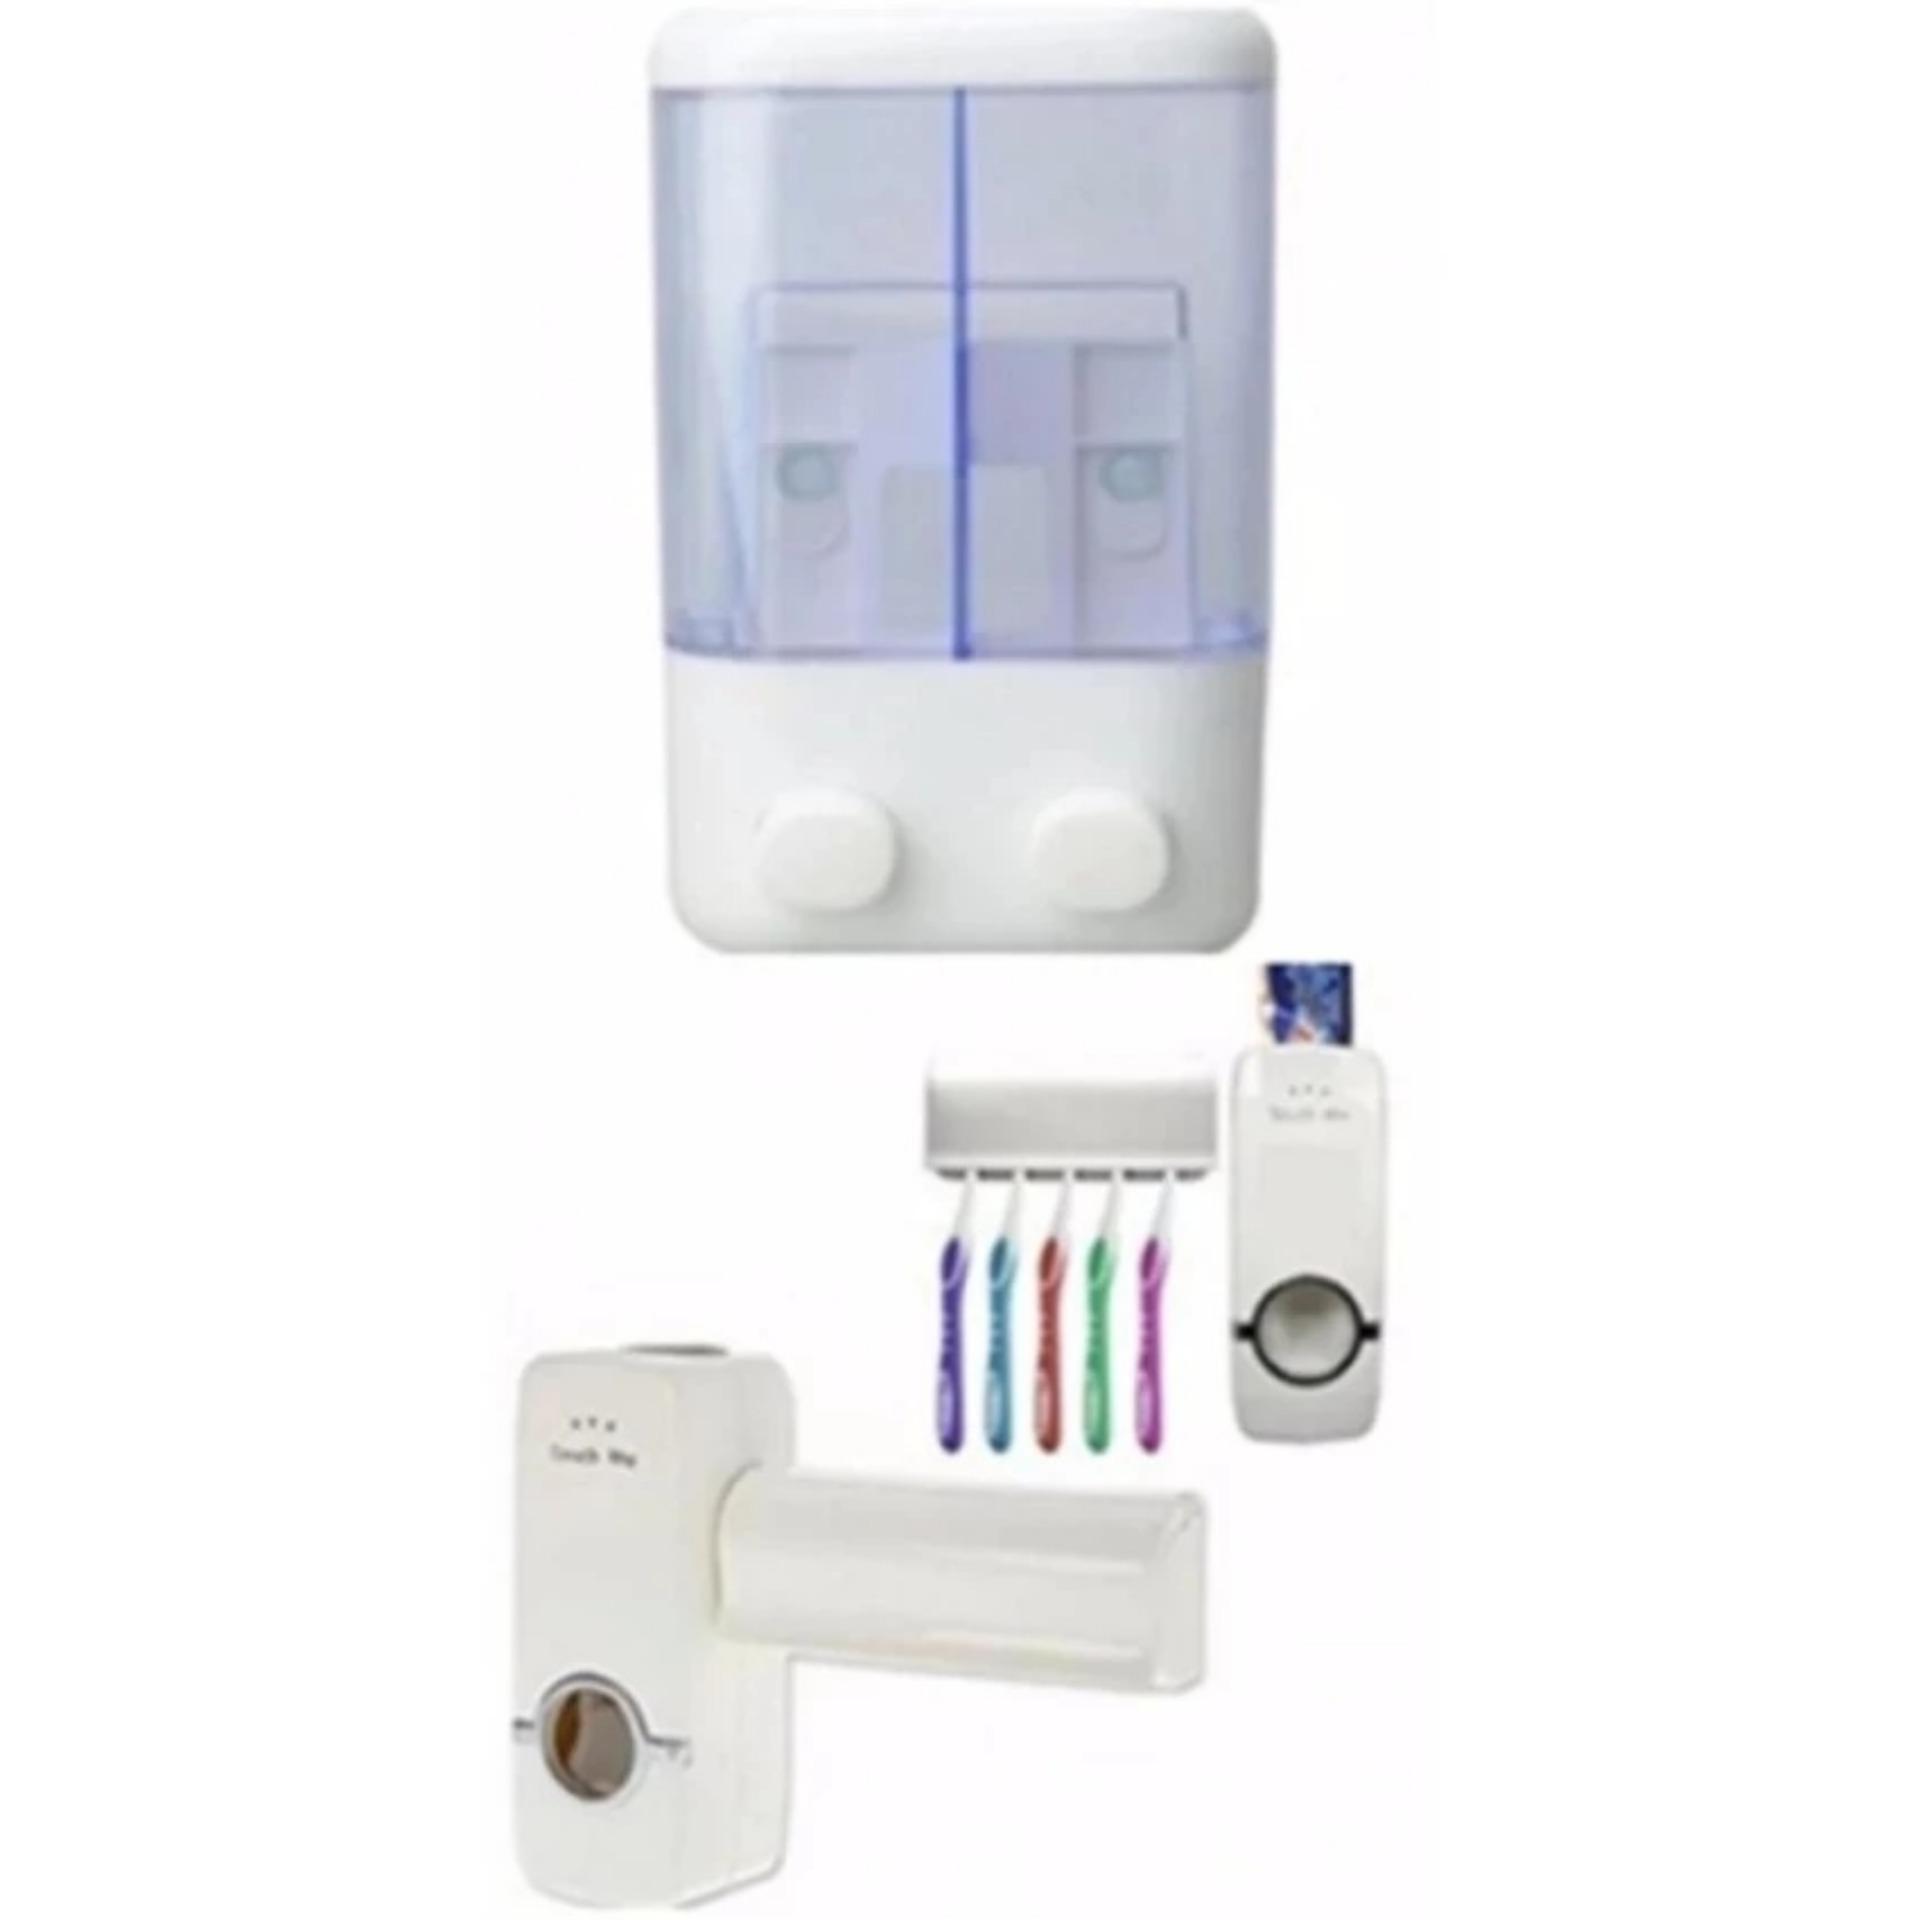 Paket Dispenser Sabun 2 Tabun Dan Dispenser Odol Plus Tempat Sikat Gigi FREE .